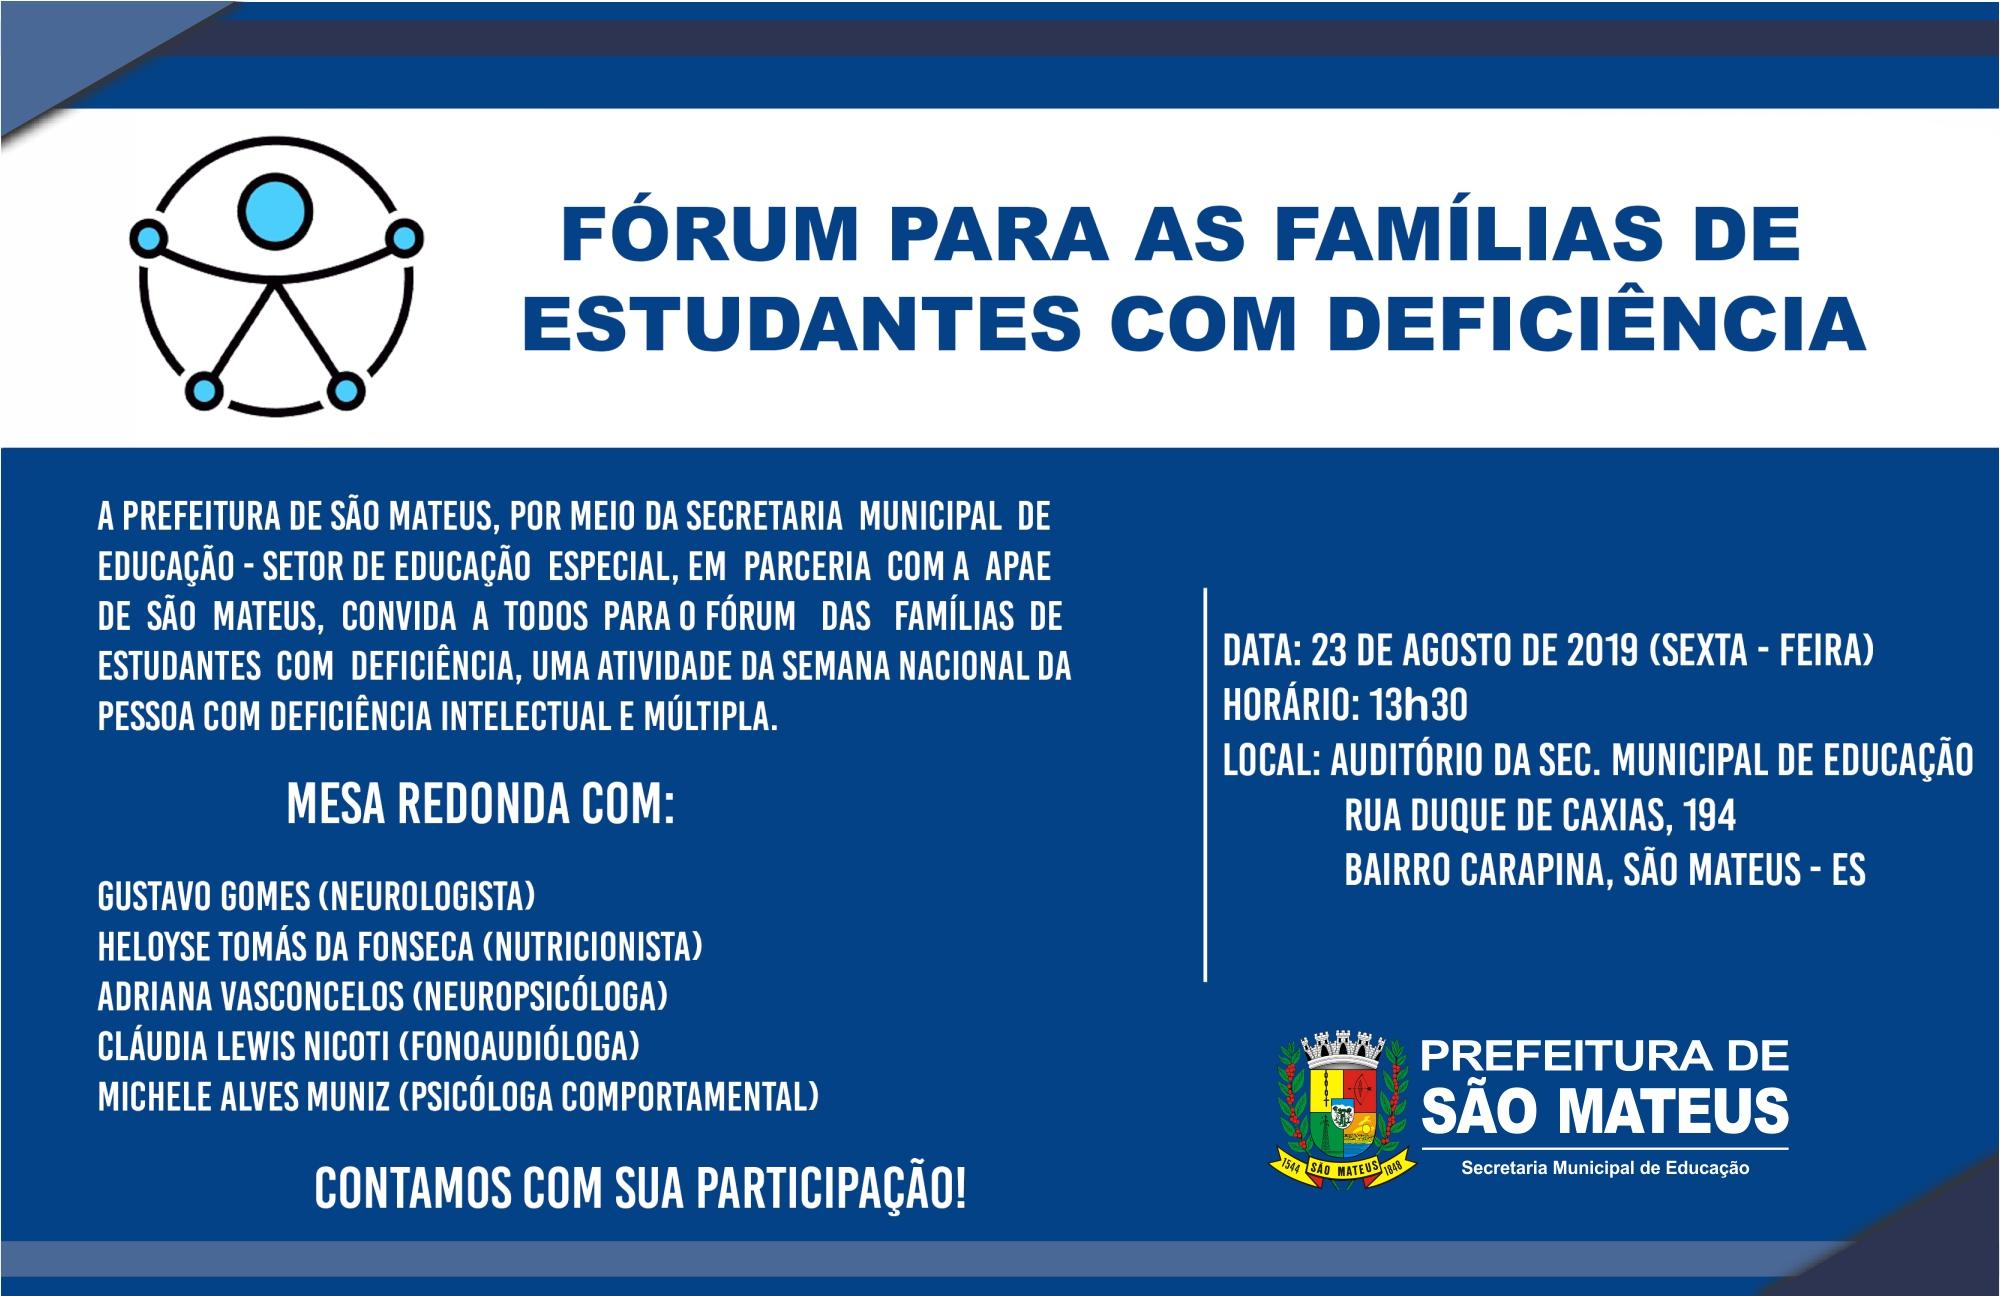 FÓRUM PARA AS FAMÍLIAS DE ESTUDANTES COM DEFICIÊNCIA